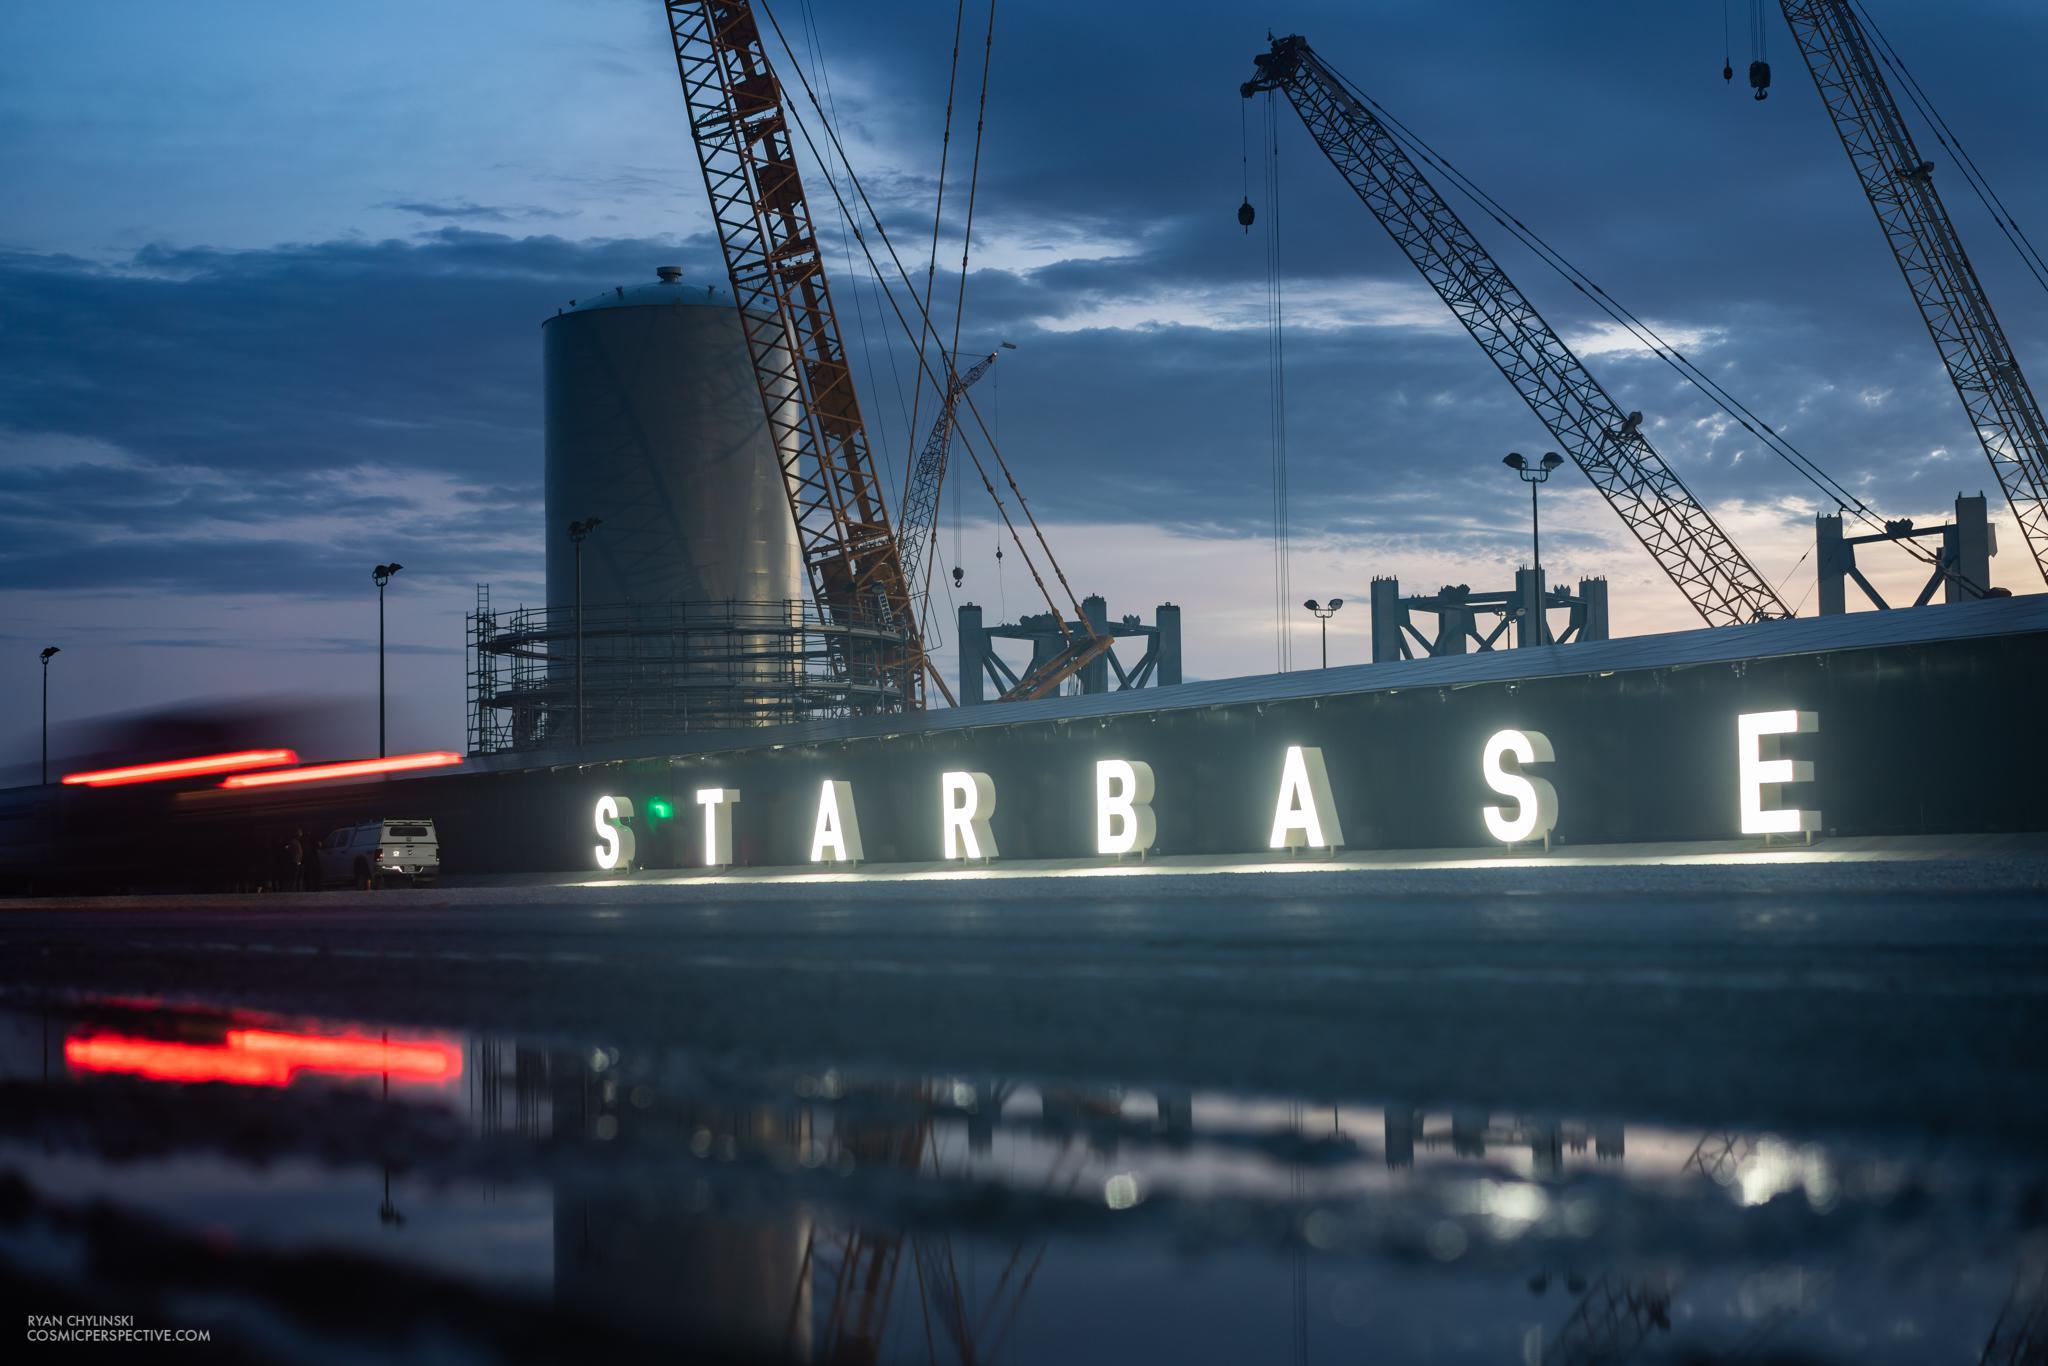 La Starbase